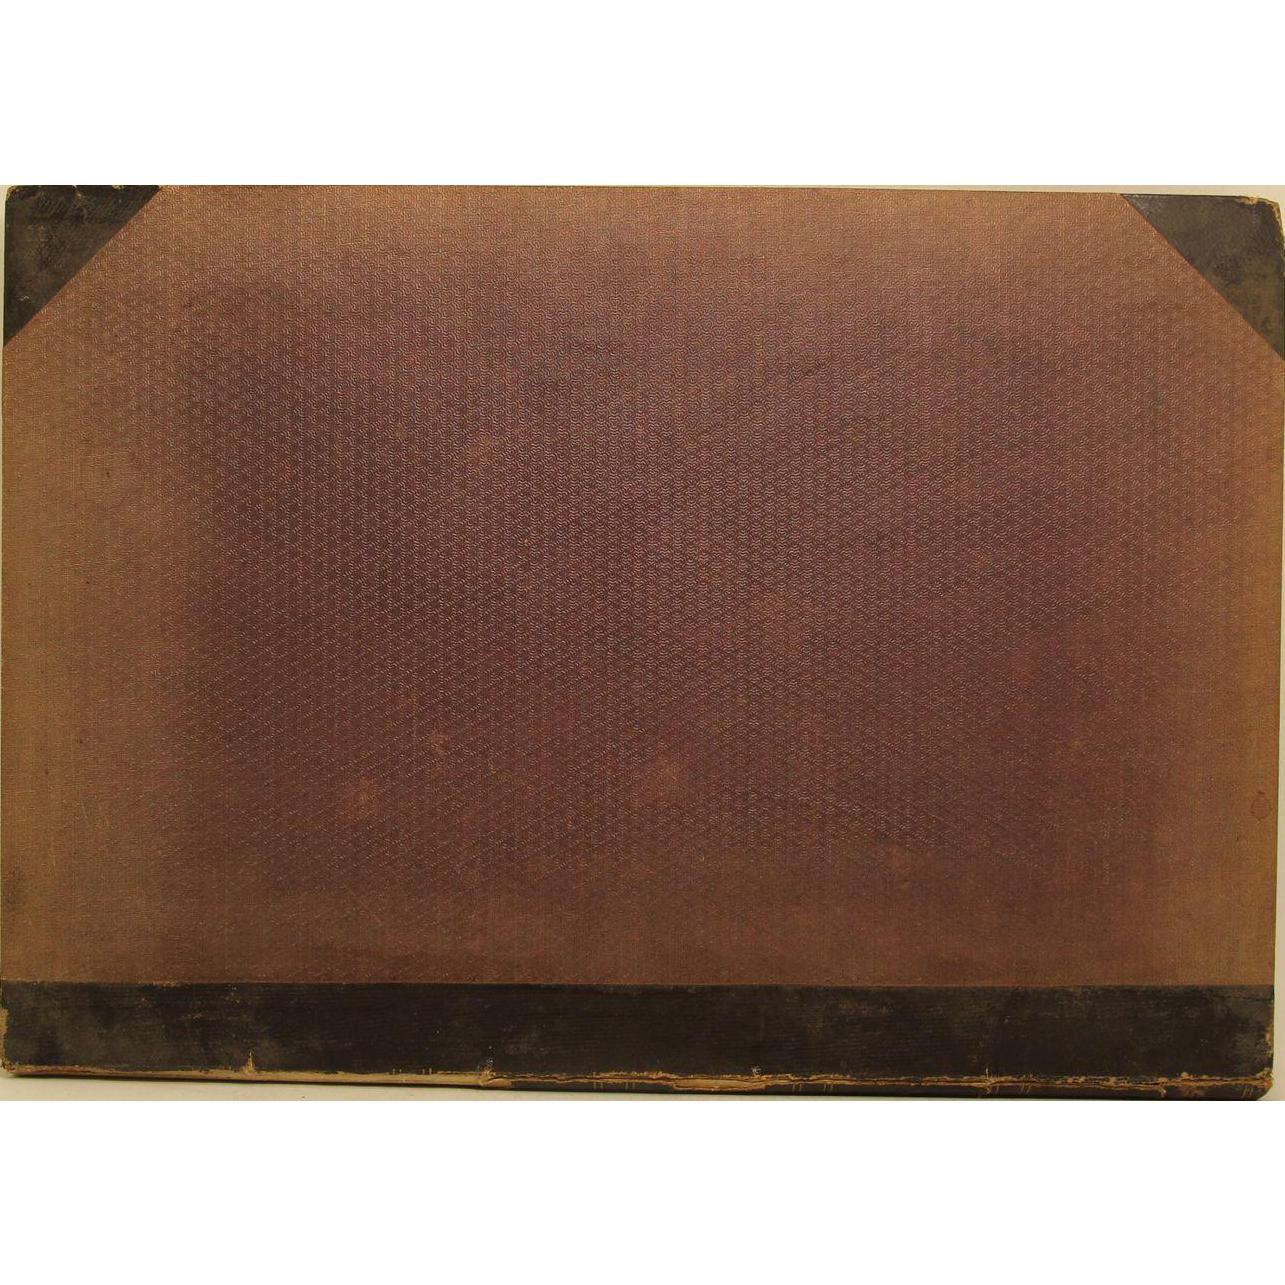 Worn antique Scientific American book